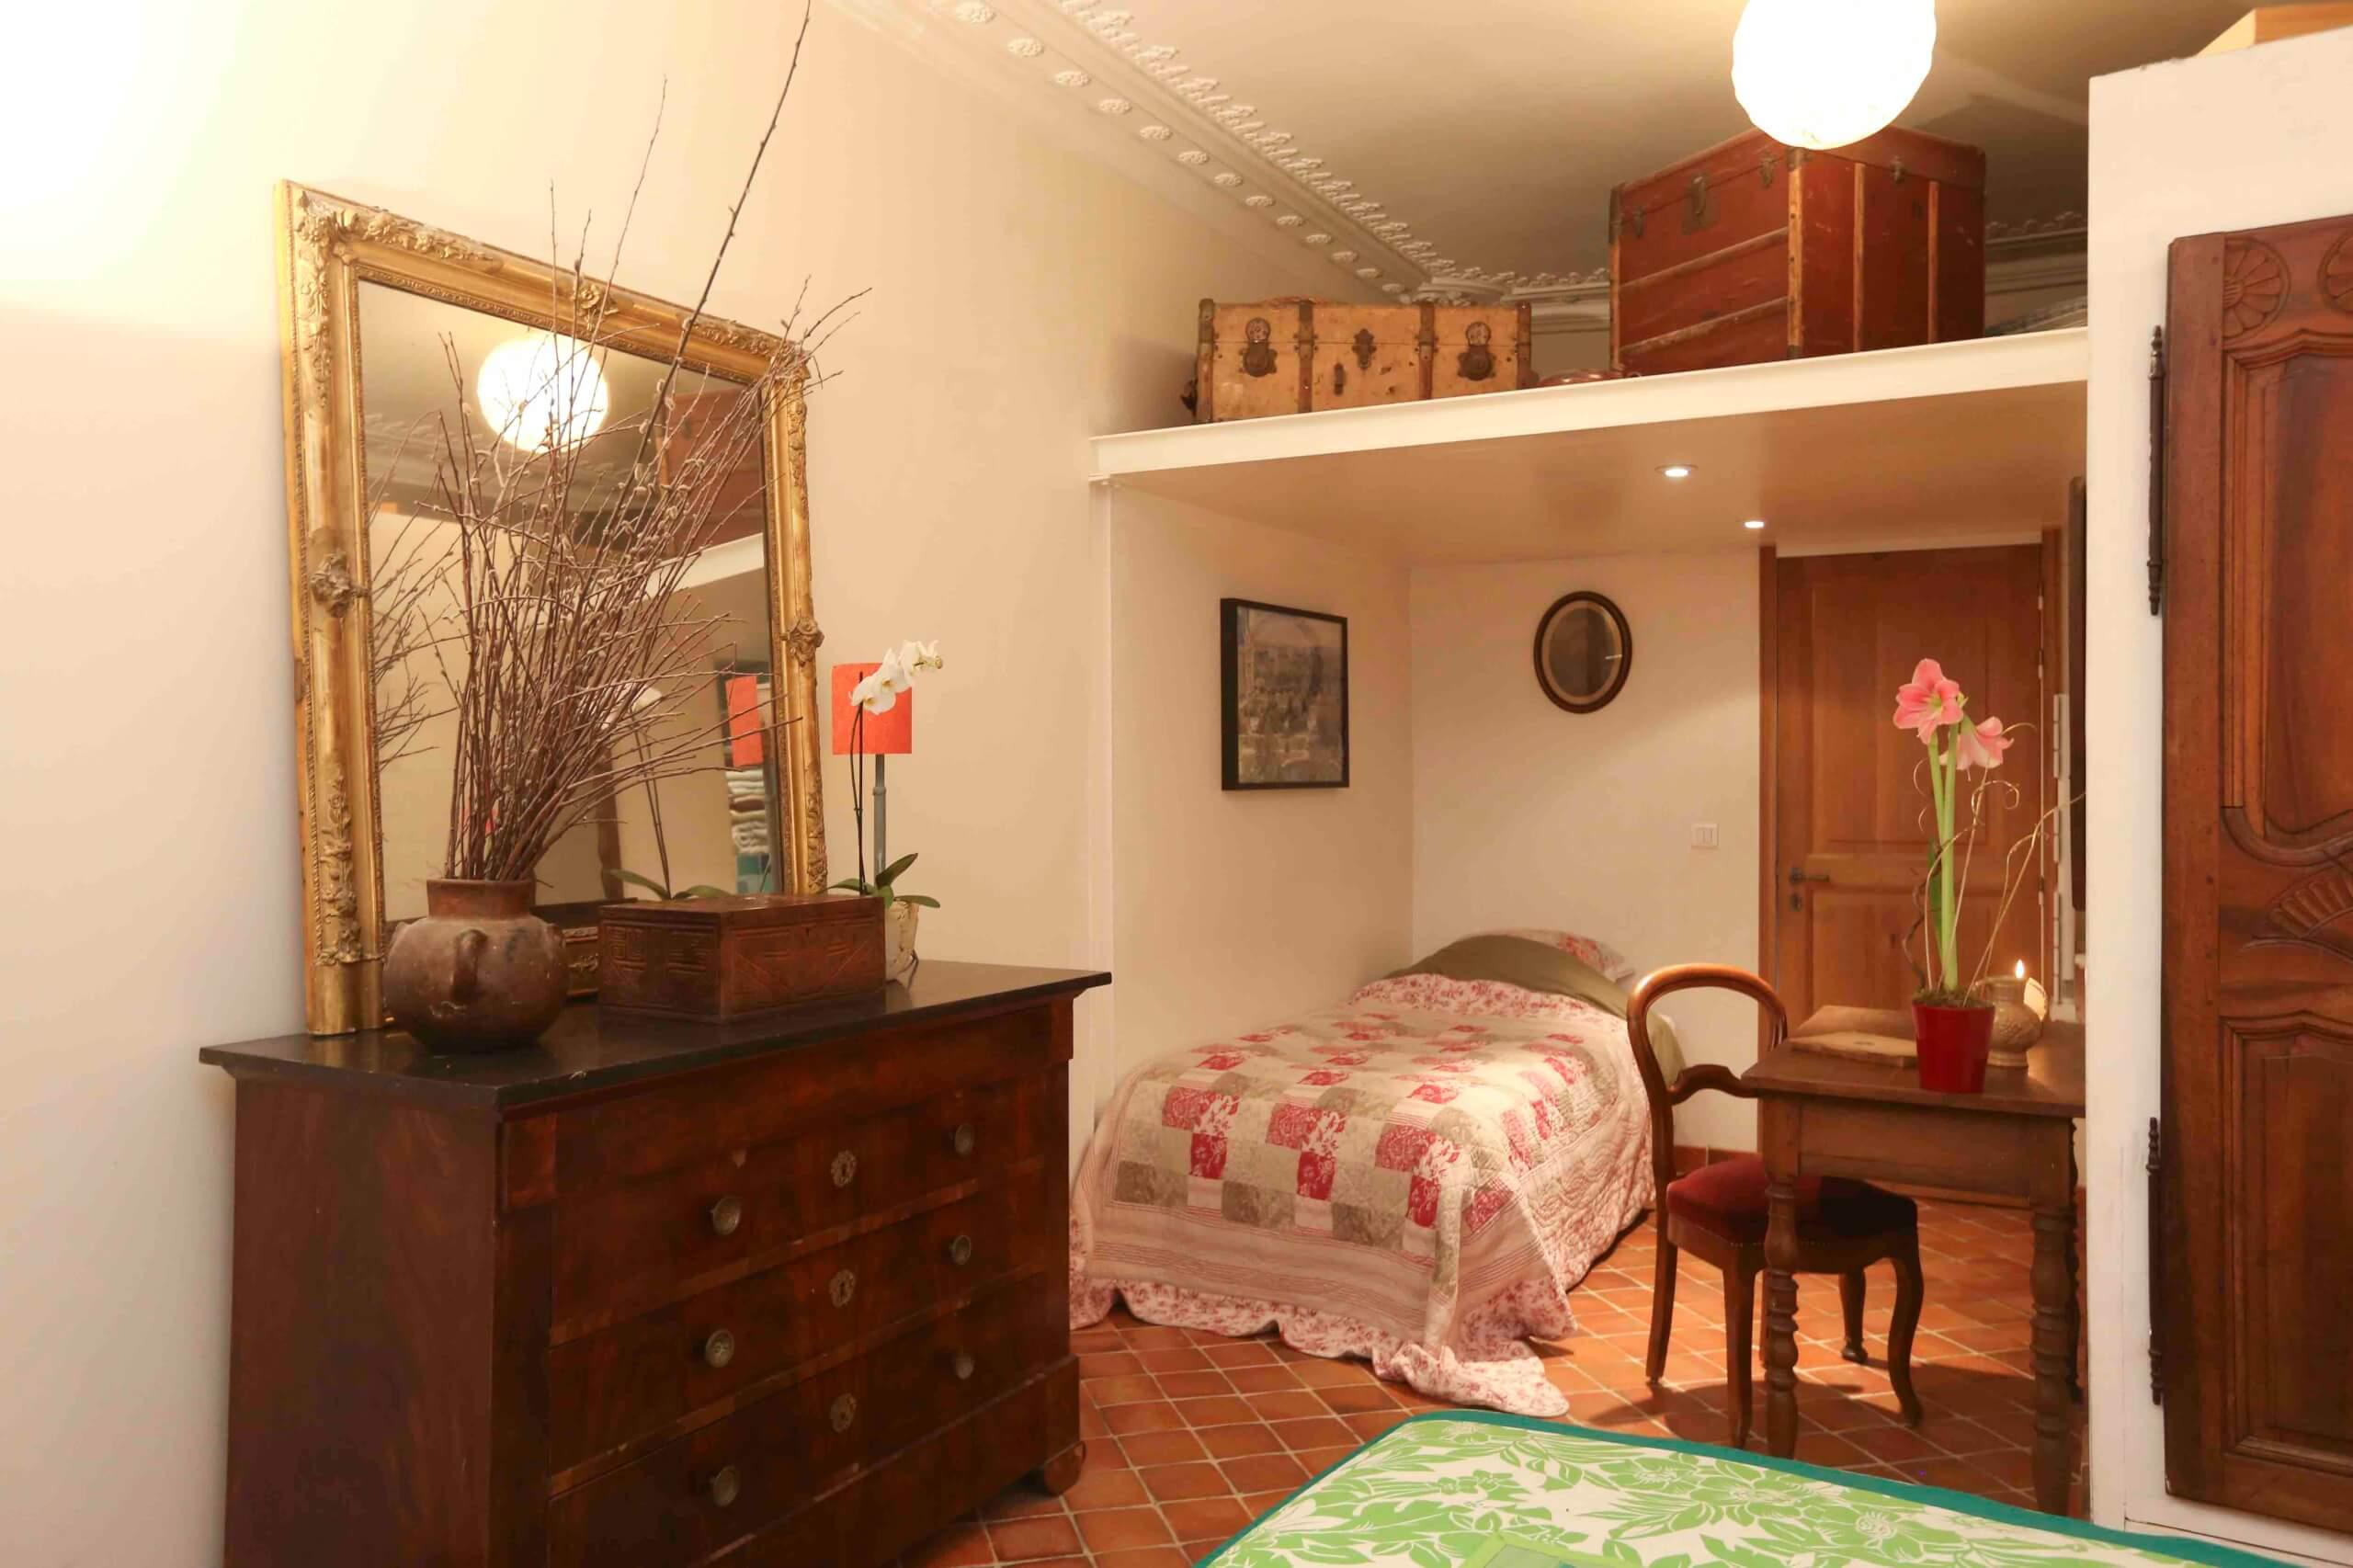 Stay Here Bonne Nuit Paris